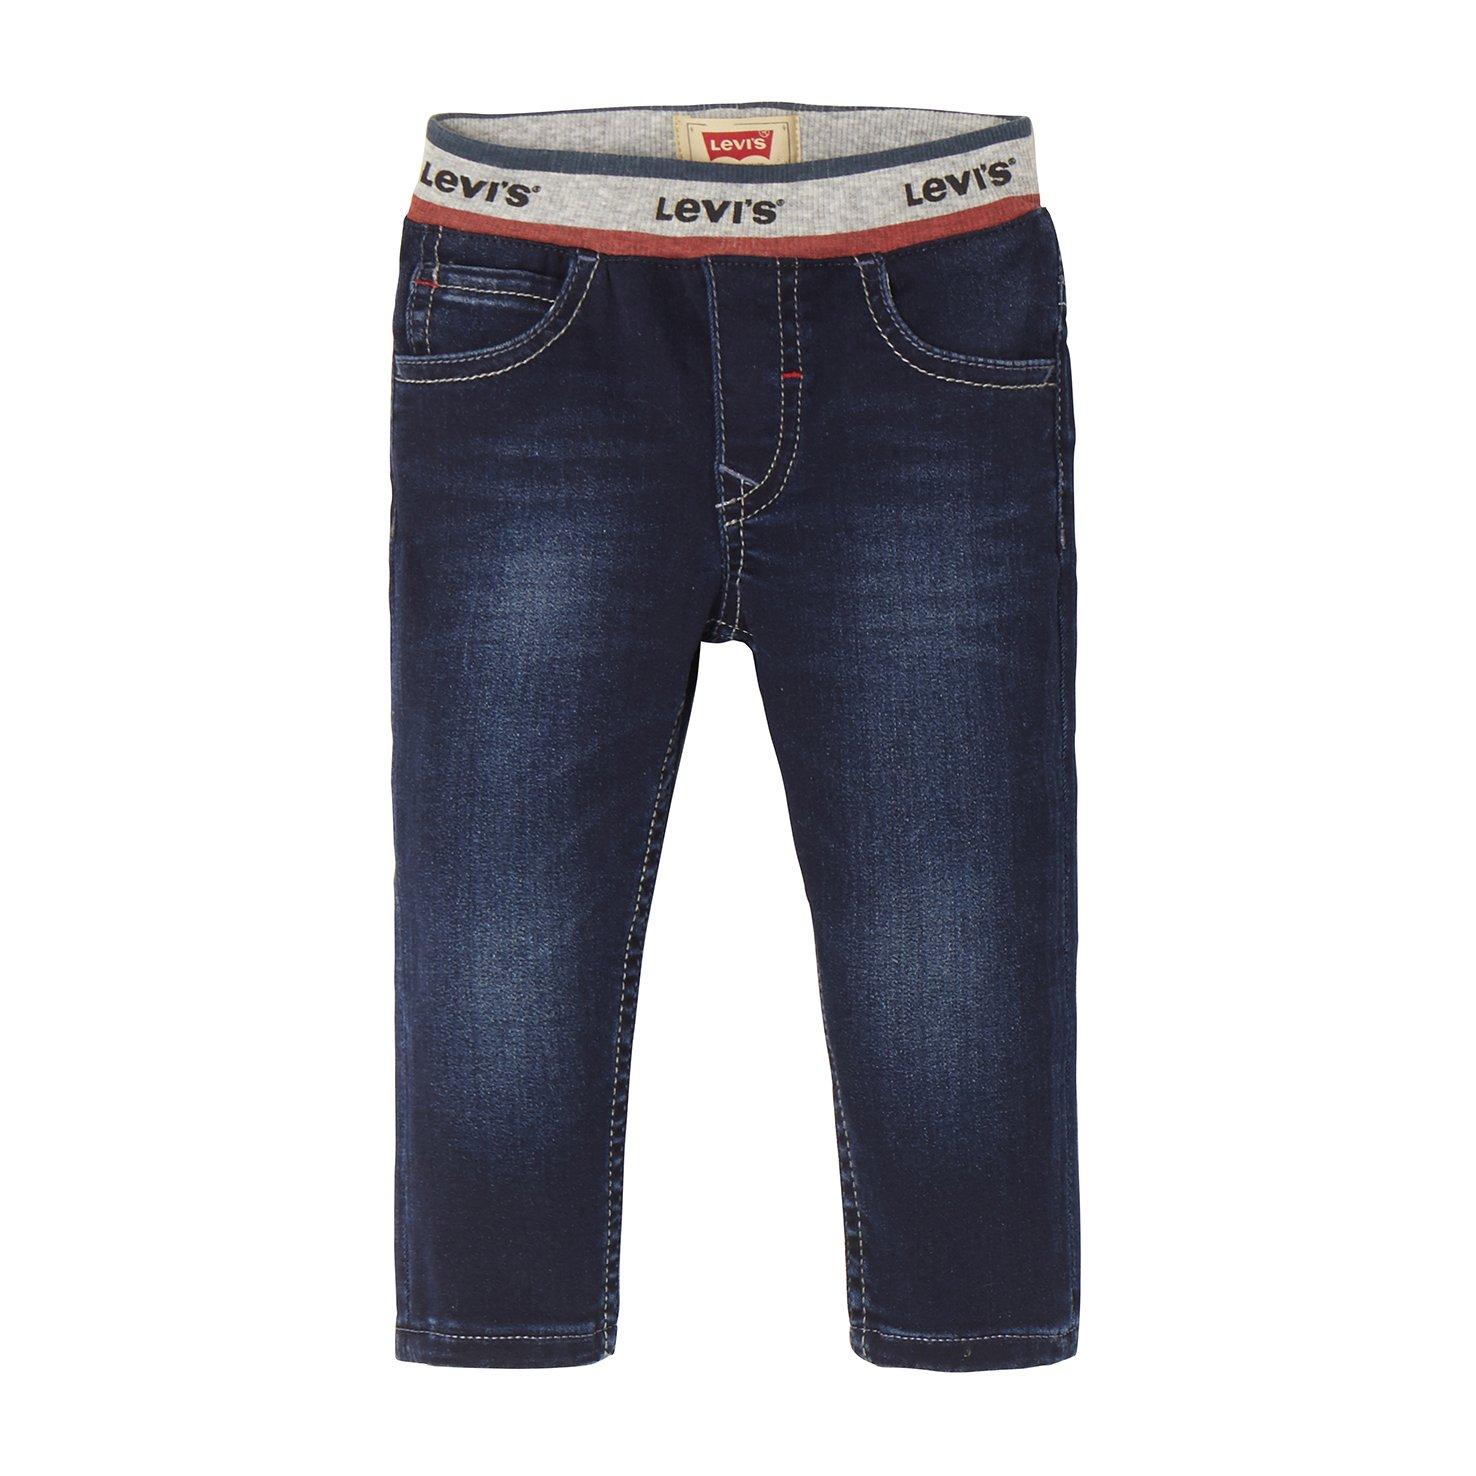 Levi's kids Trousers, Jeans para Bebés Levi' s kids Trousers NM22014